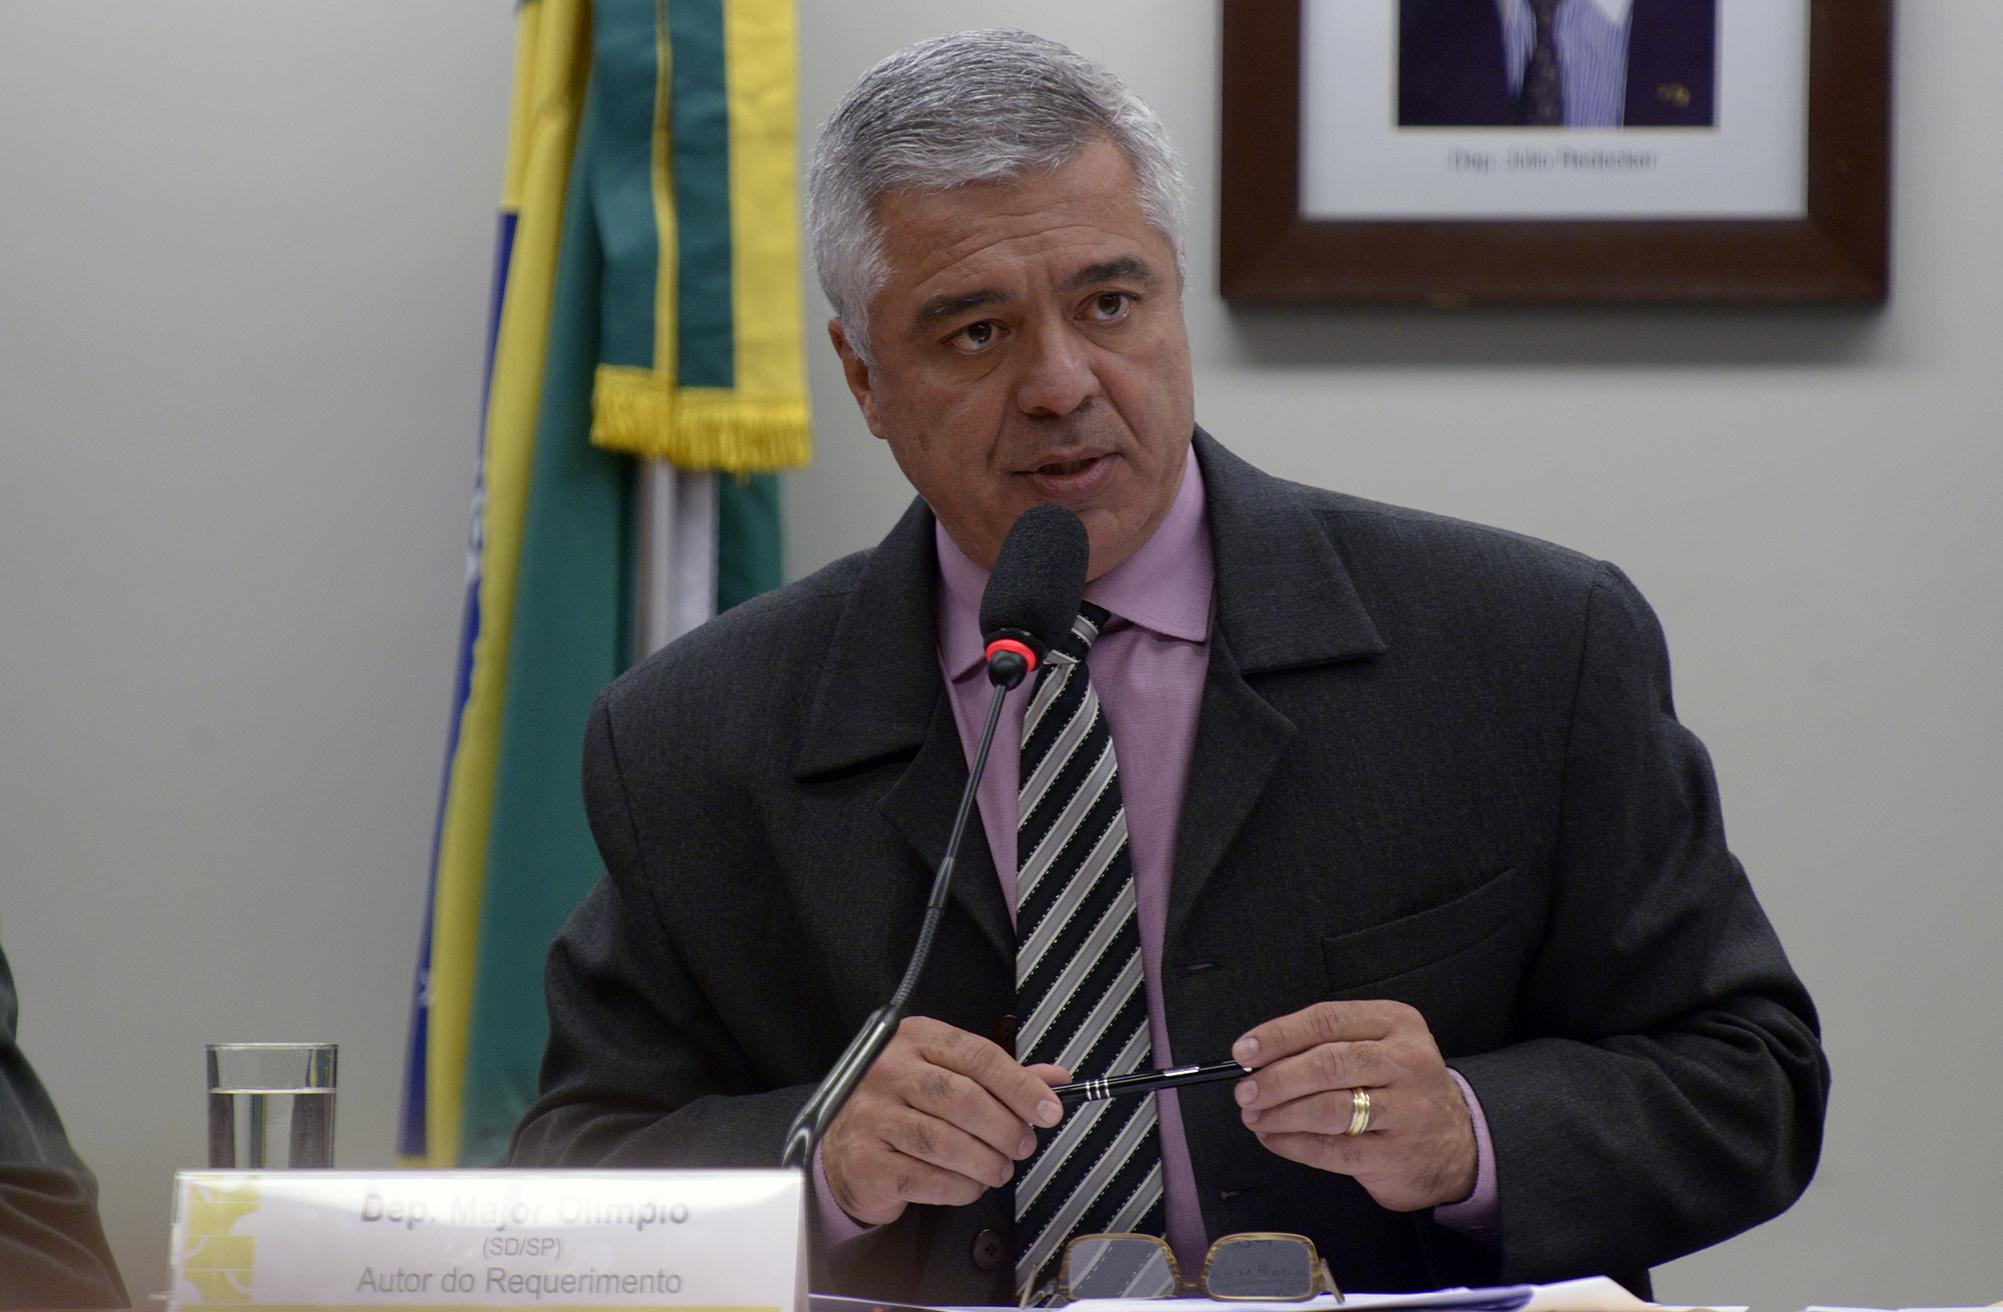 Audiência pública sobre o sucateamento da Polícia Militar de São Paulo e o seu efeito para a população. Dep. Major Olimpio (SD - SP)